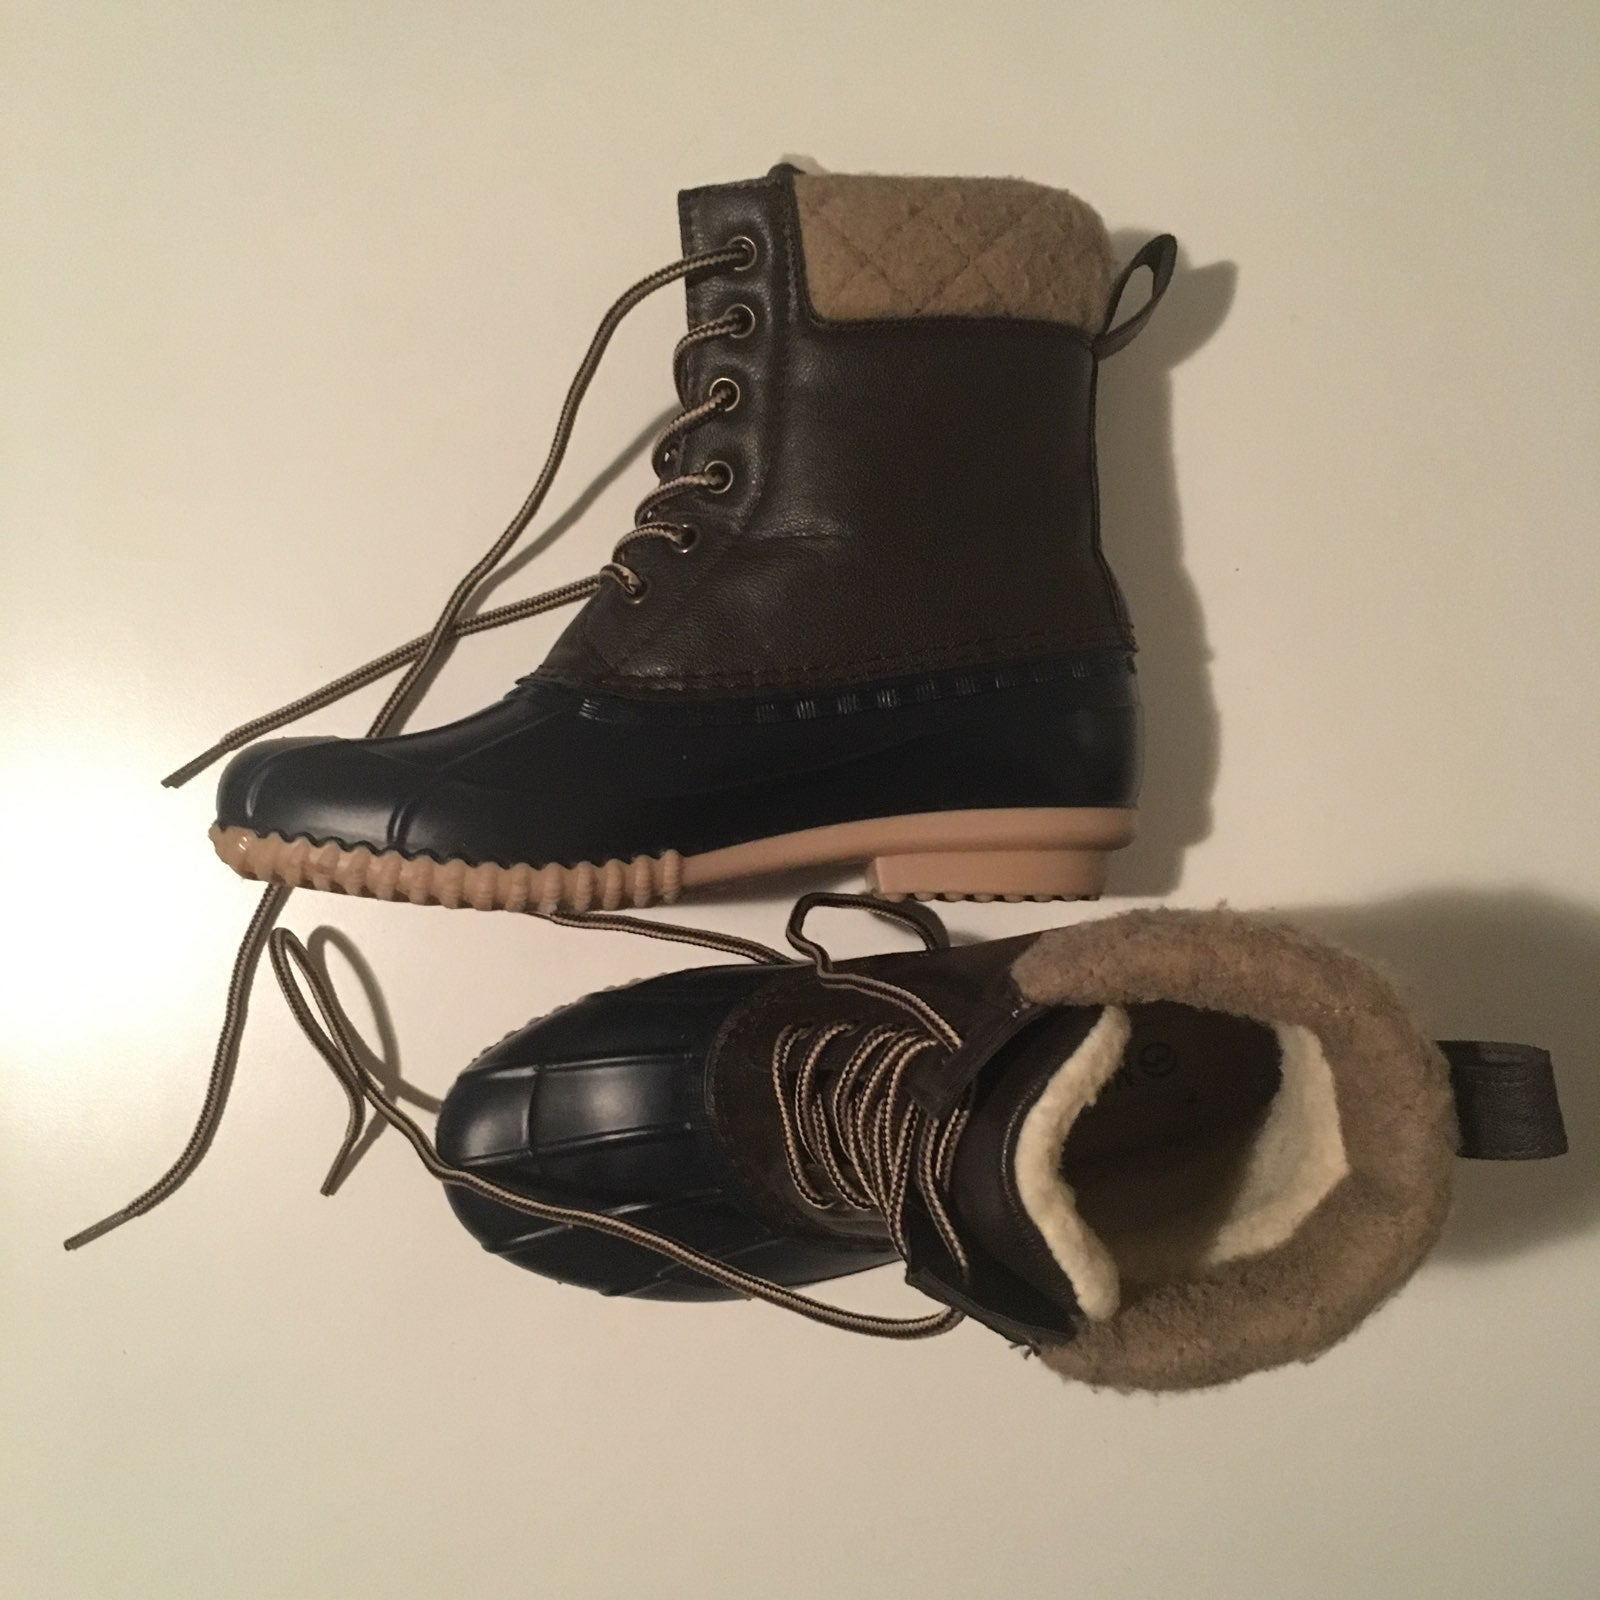 Magellan Outdoors Women's Boots Size 7